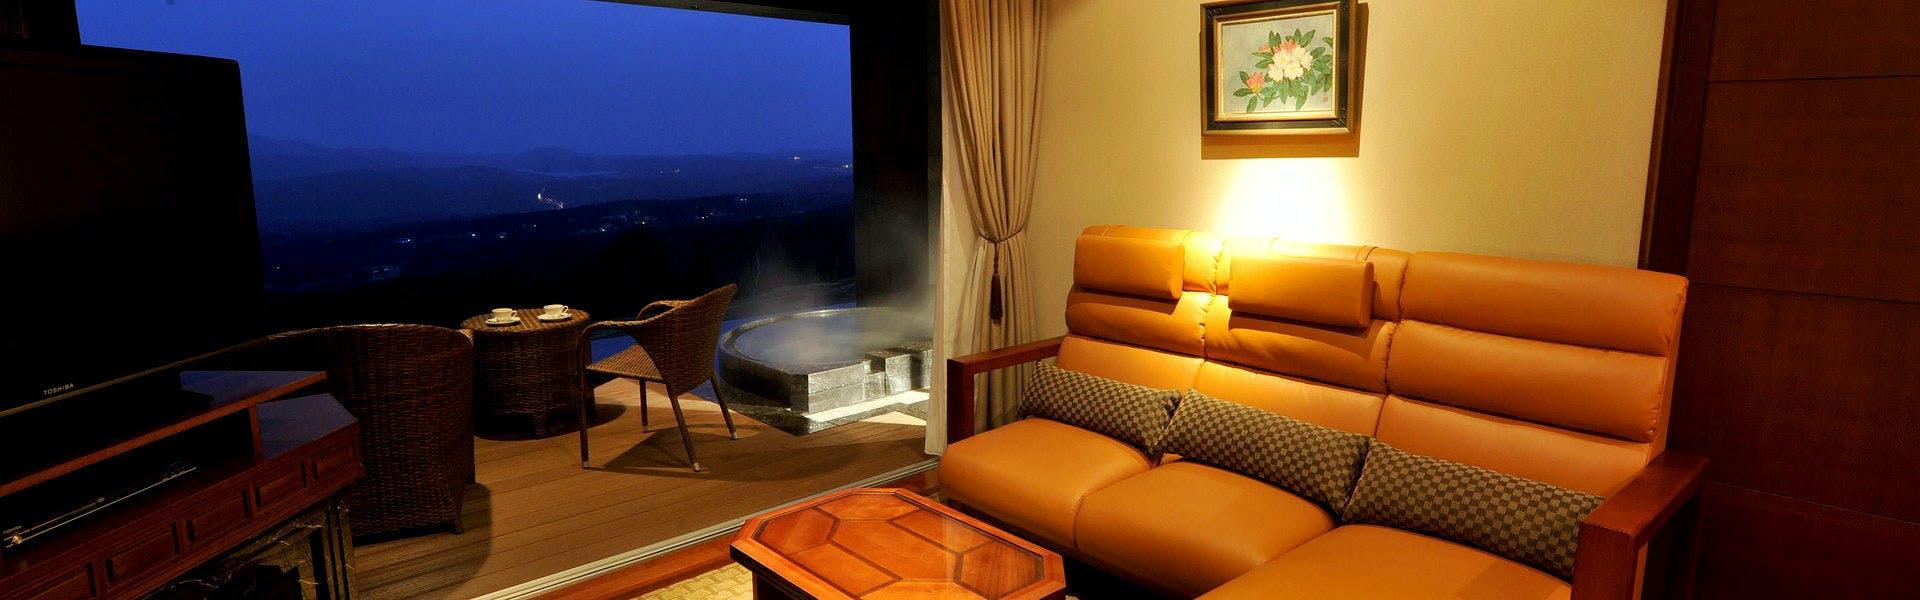 記念日におすすめのホテル・赤倉観光ホテルの写真3